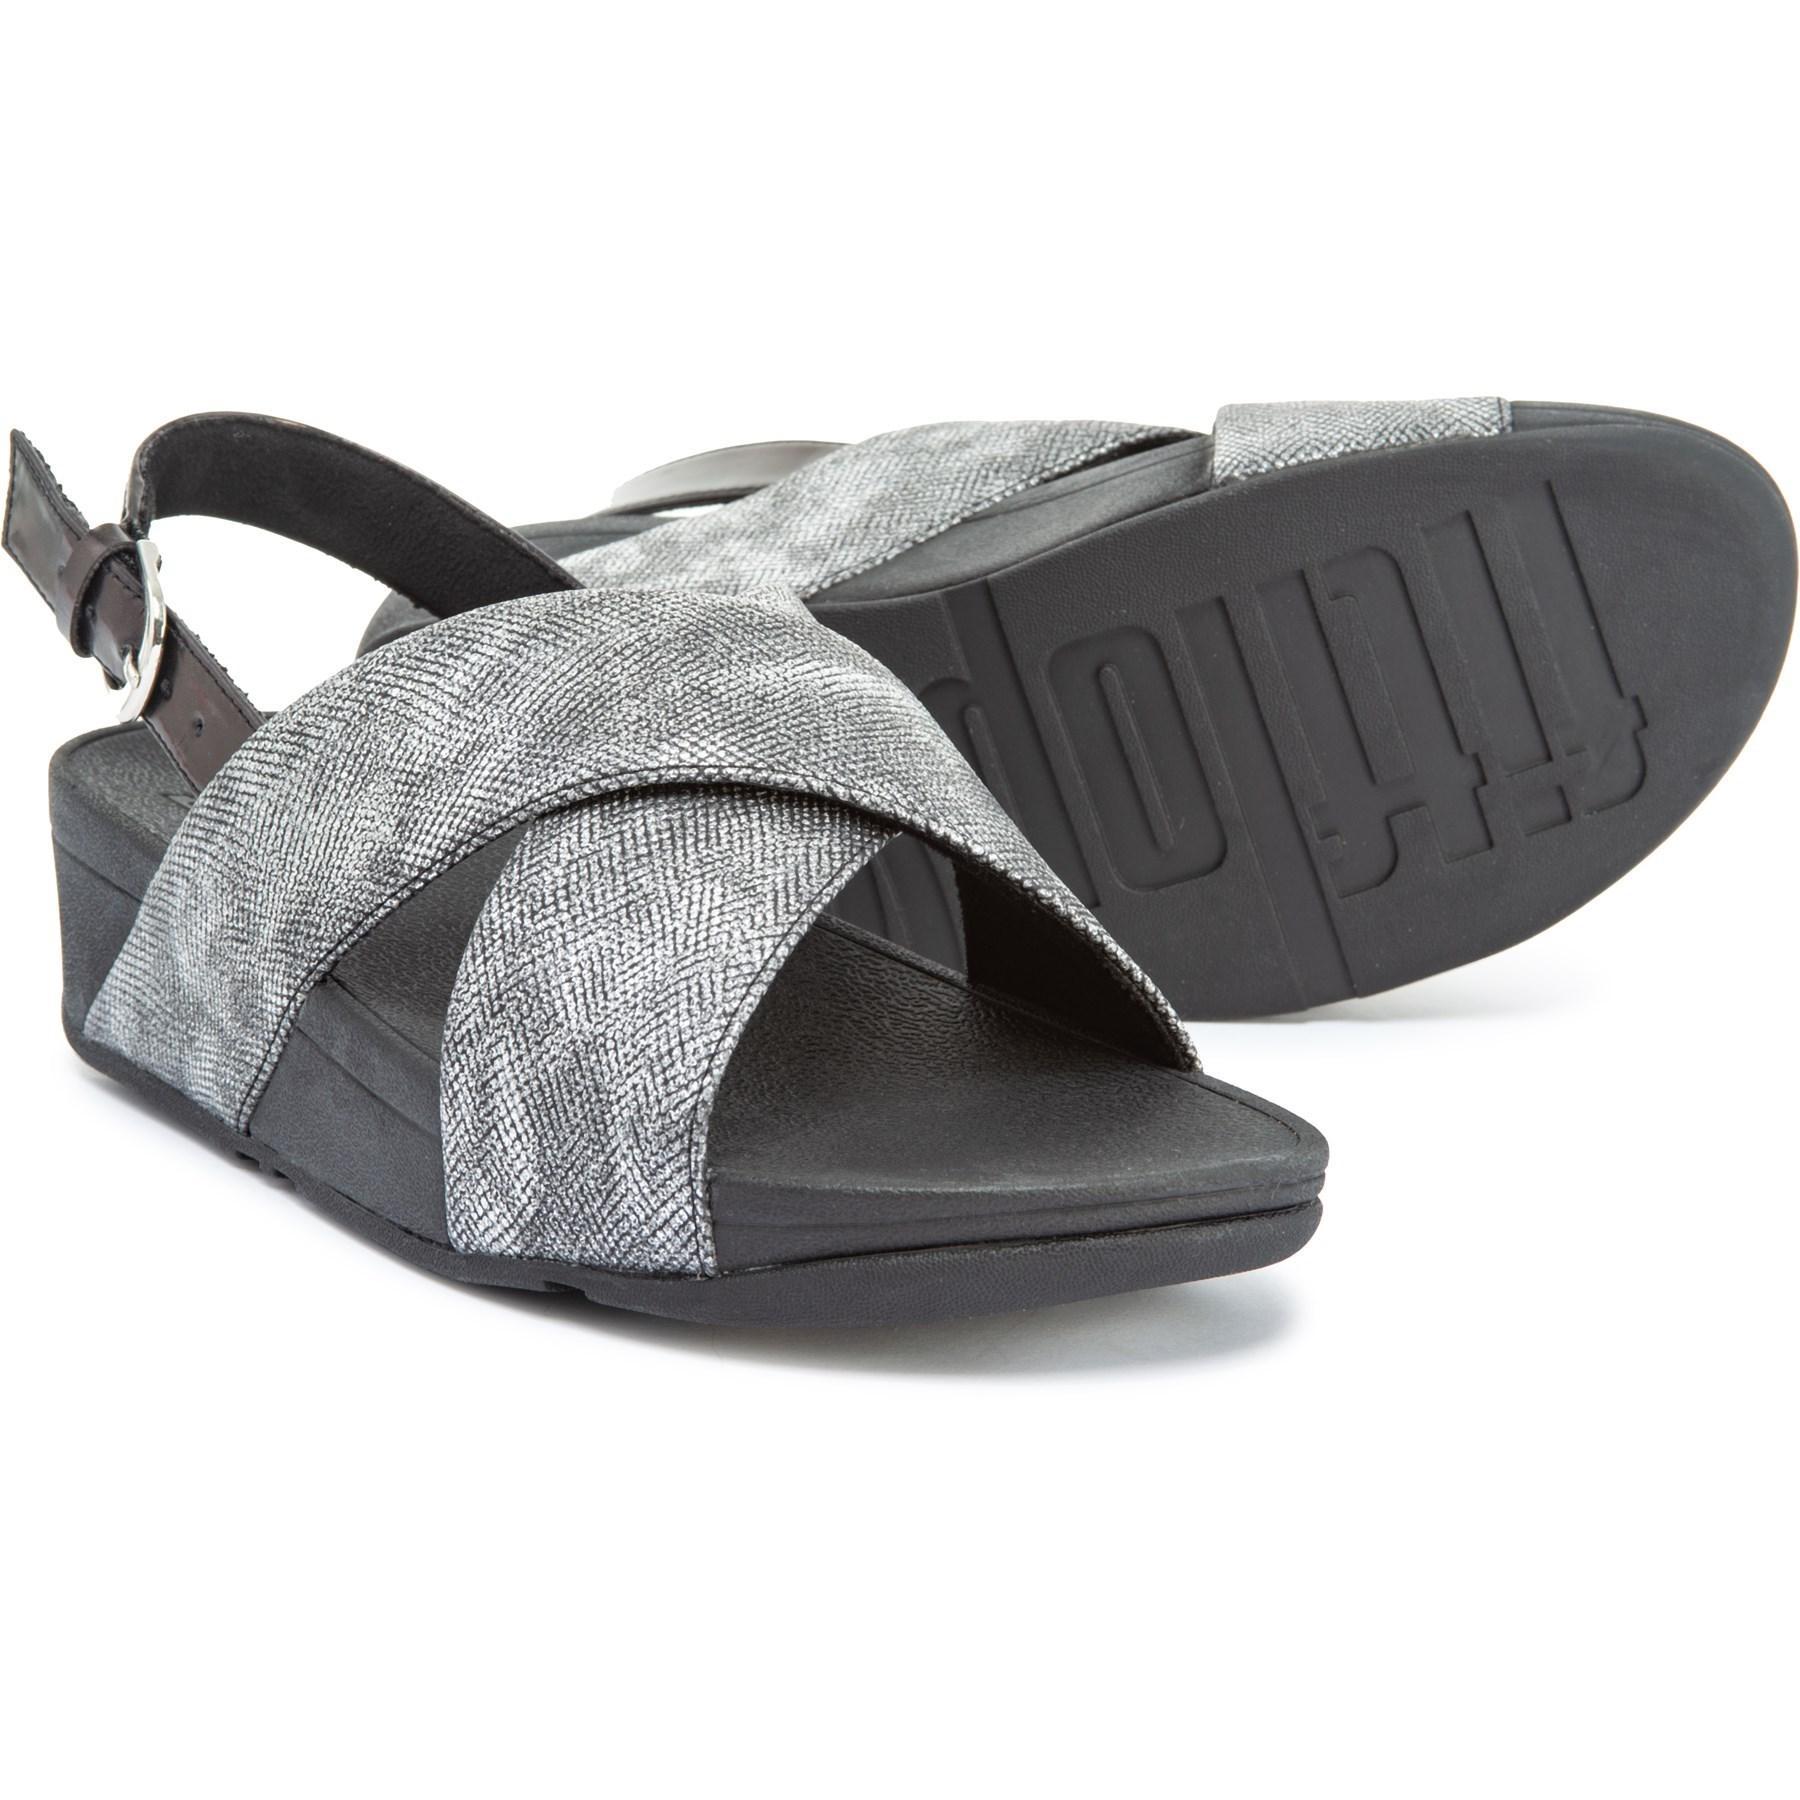 3cea36c85 Lyst - Fitflop Lulu Cross-back Strap Sandals (for Women) in Black